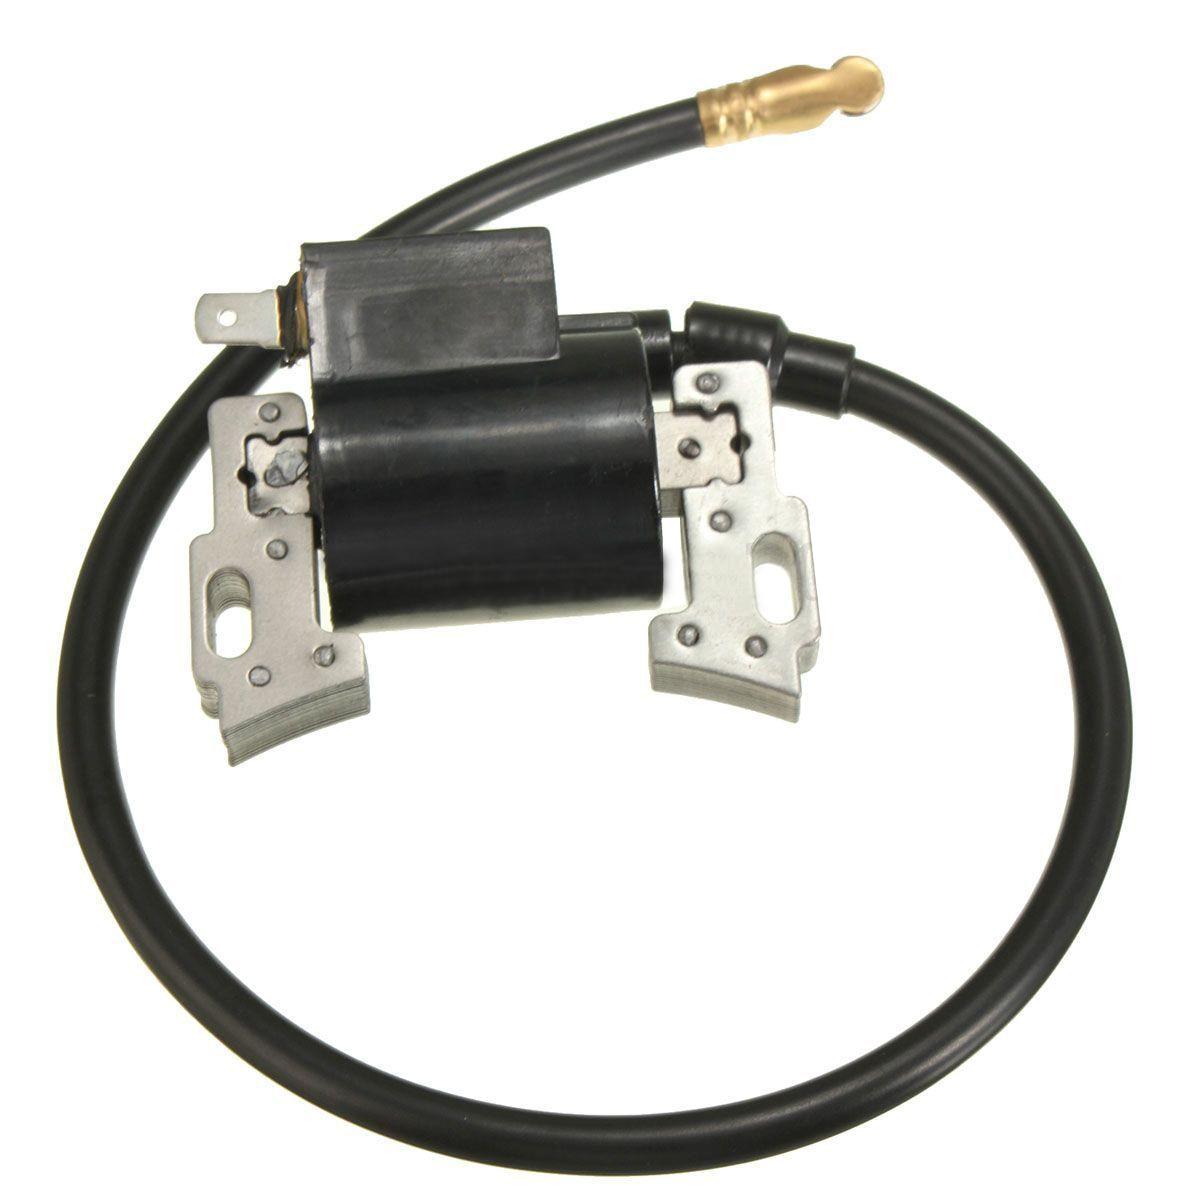 New Ignition Coil Armature Magneto For Briggs & Stratton 491312 715231 495859